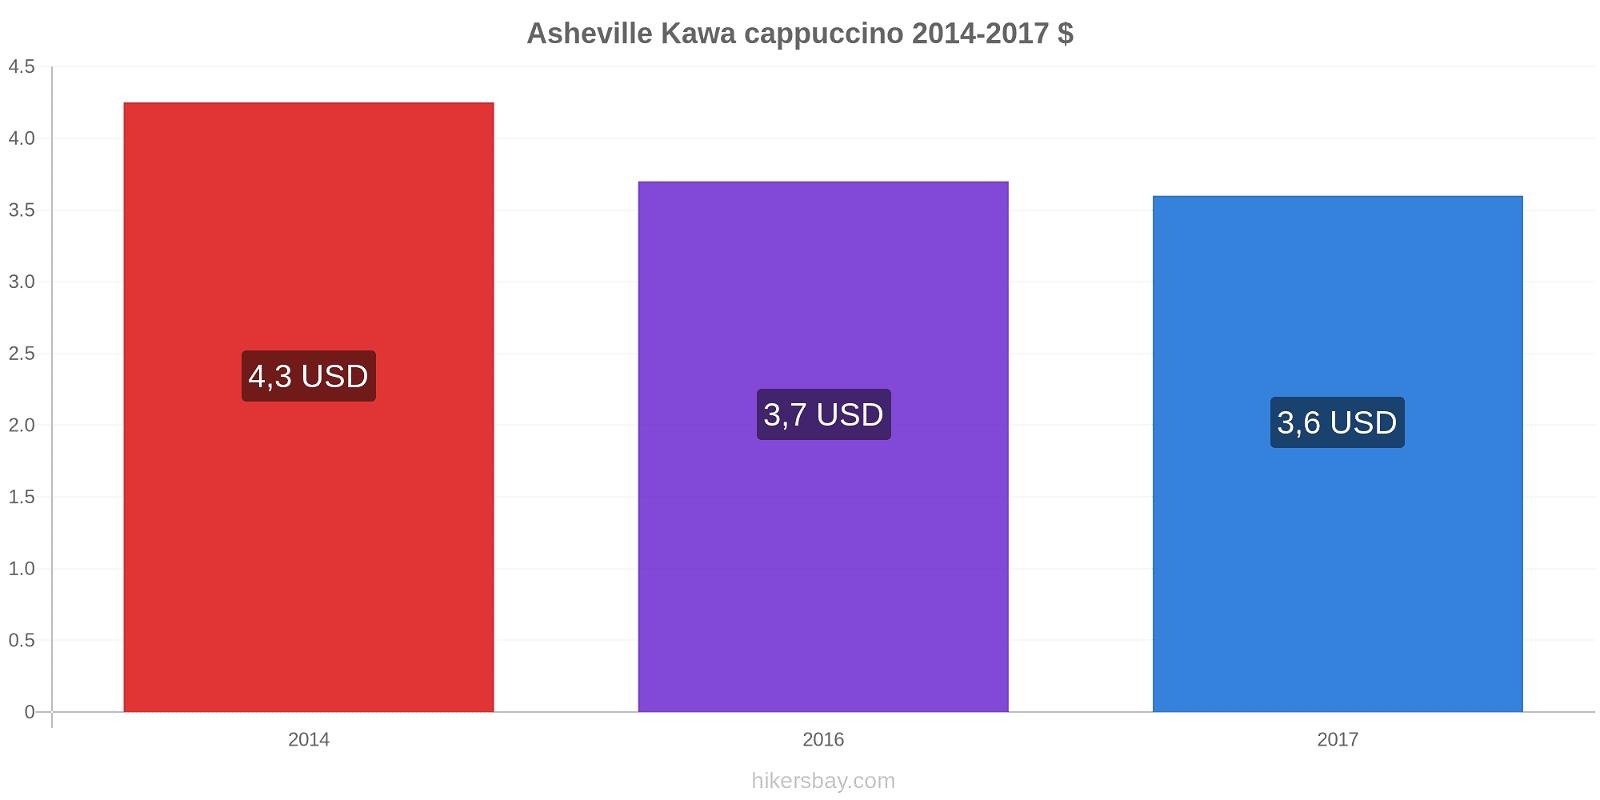 Asheville zmiany cen Kawa cappuccino hikersbay.com